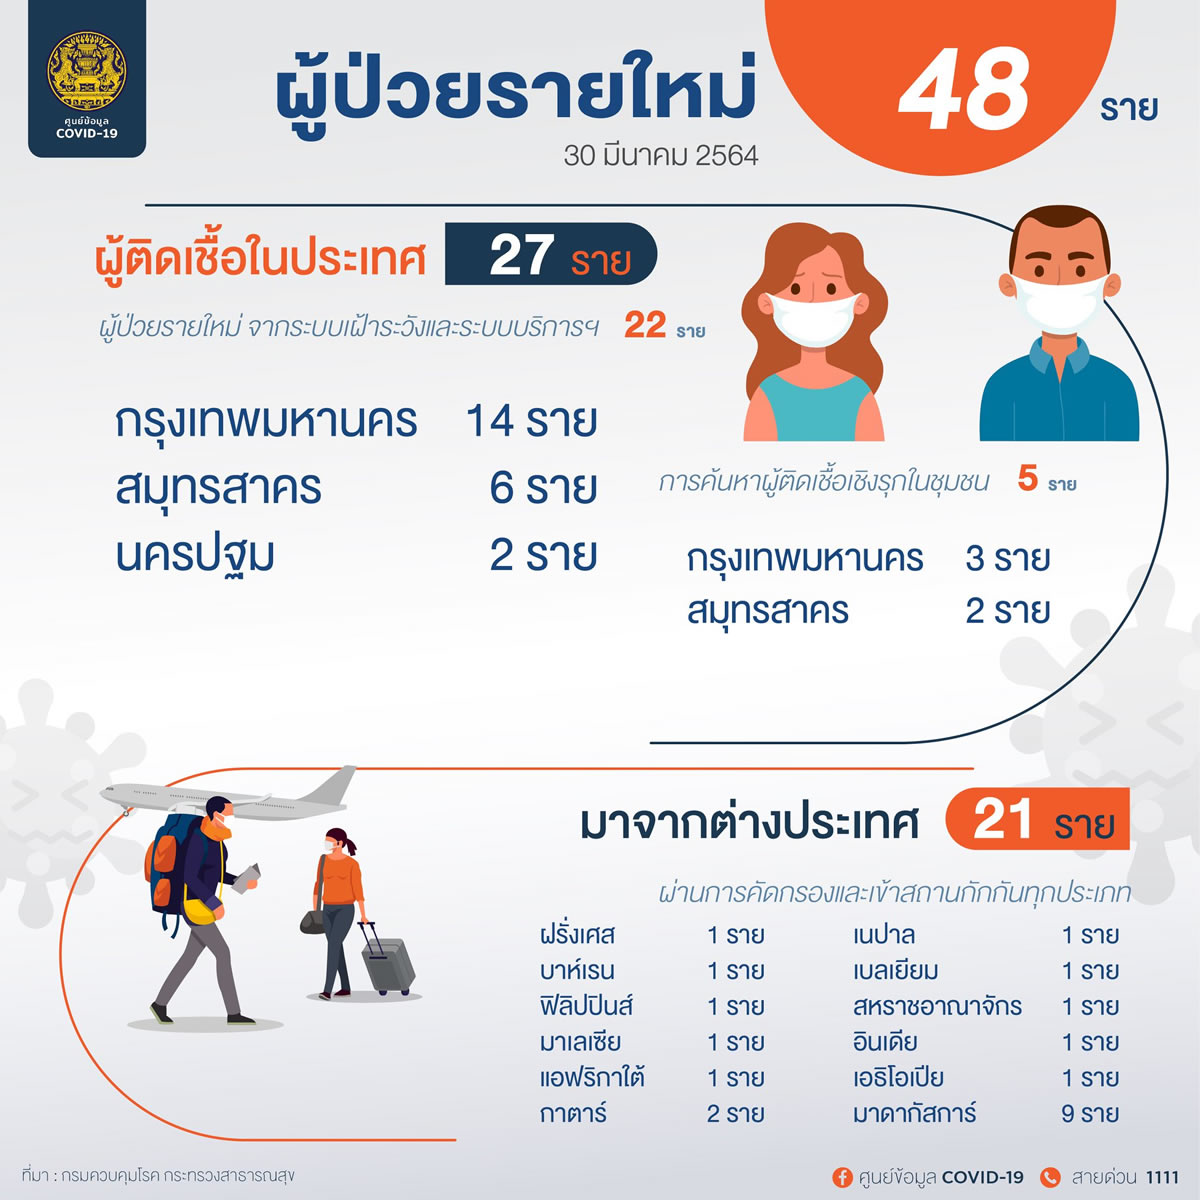 新規タイ国内感染27人、隔離施設では12カ国からの21人が陽性[2021年3月30日発表]